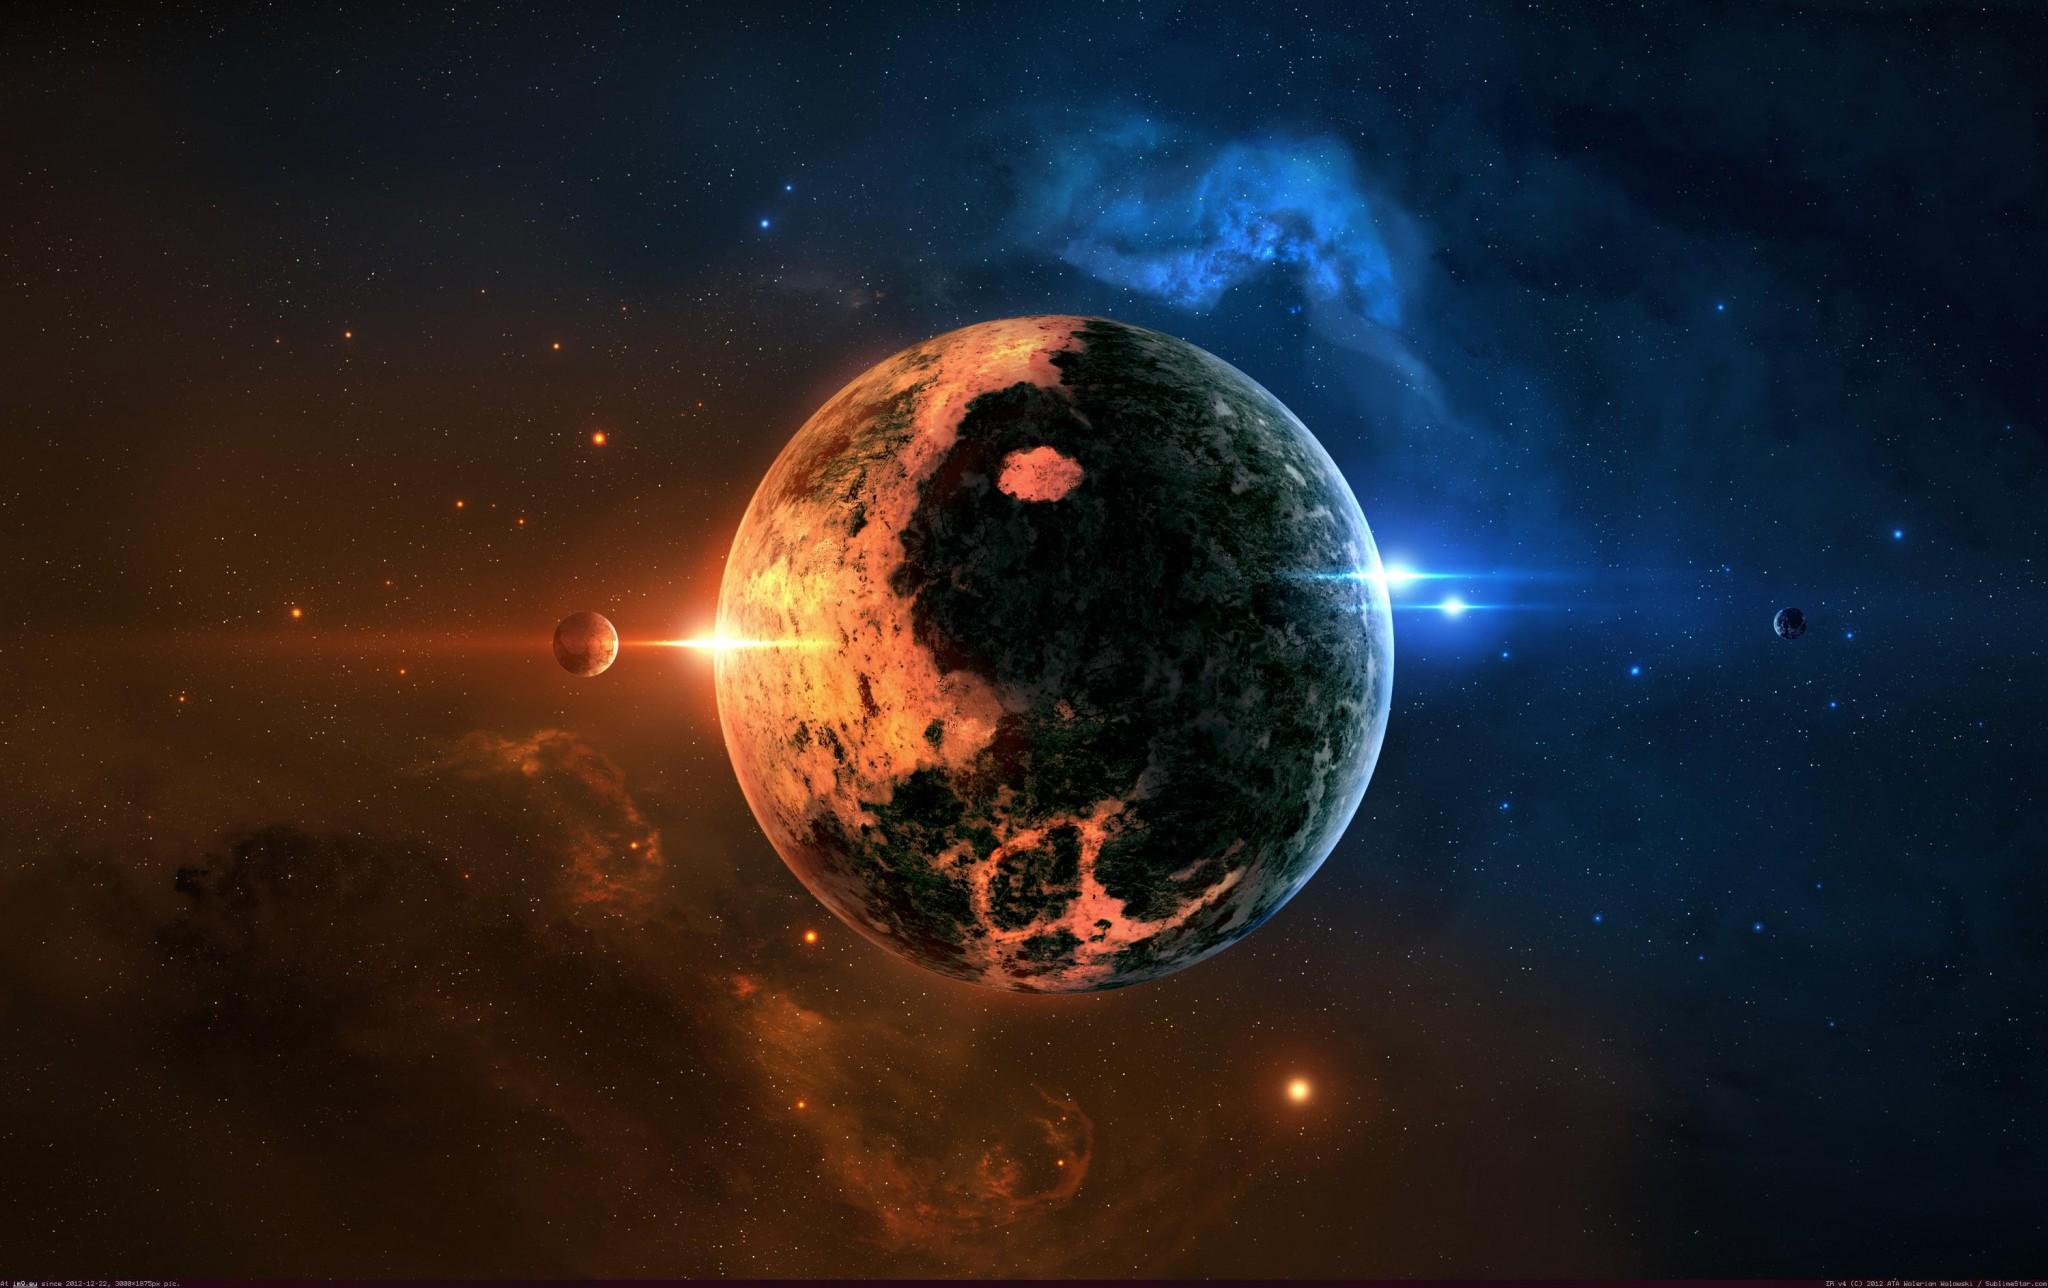 ying-yang-planet-wallpaper